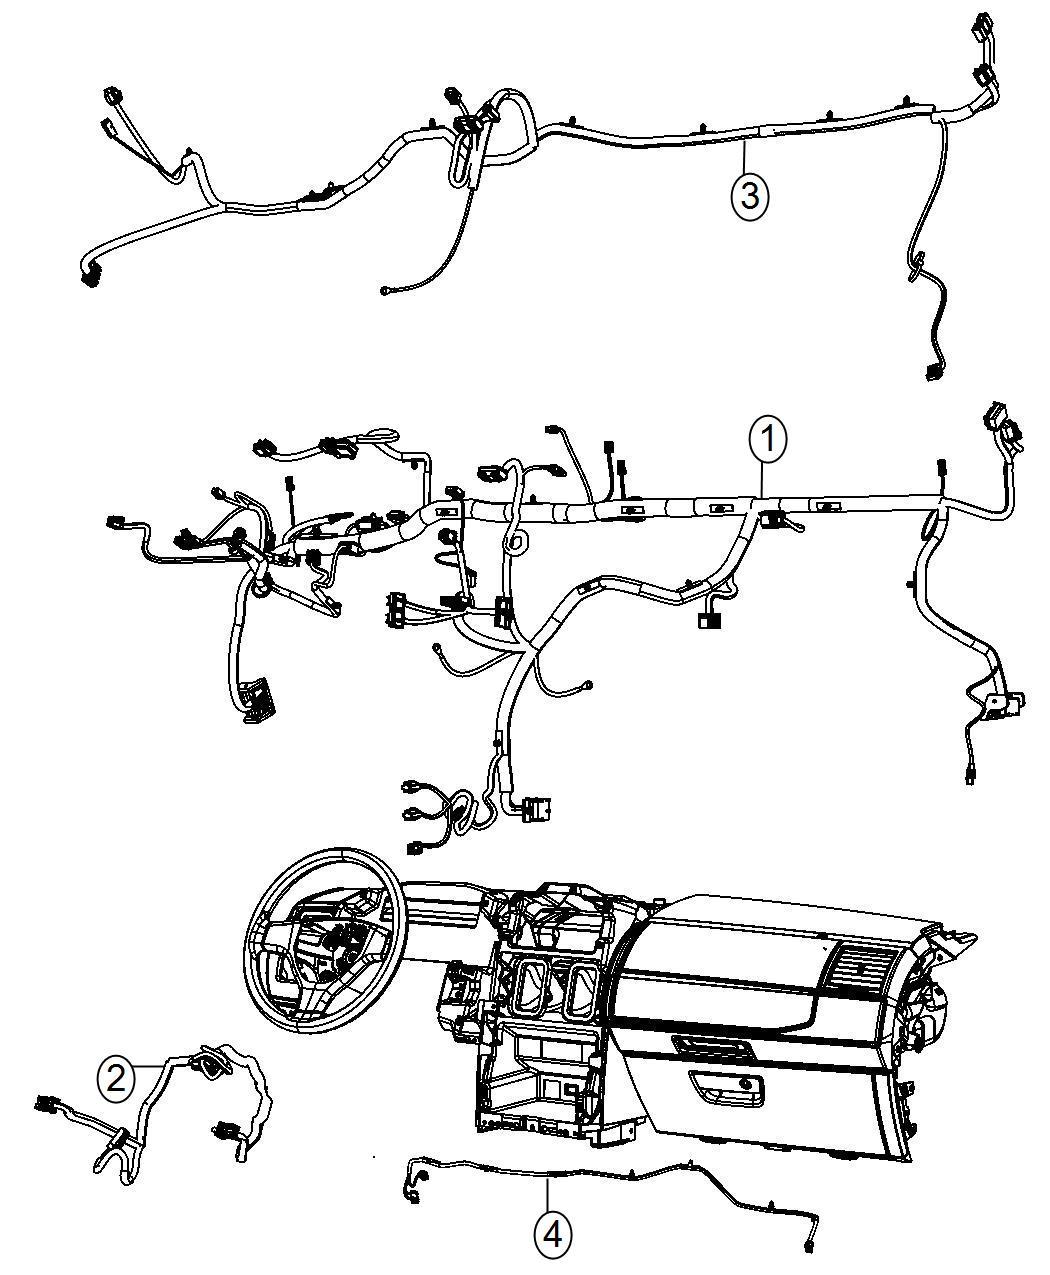 730n Wiring Diagram